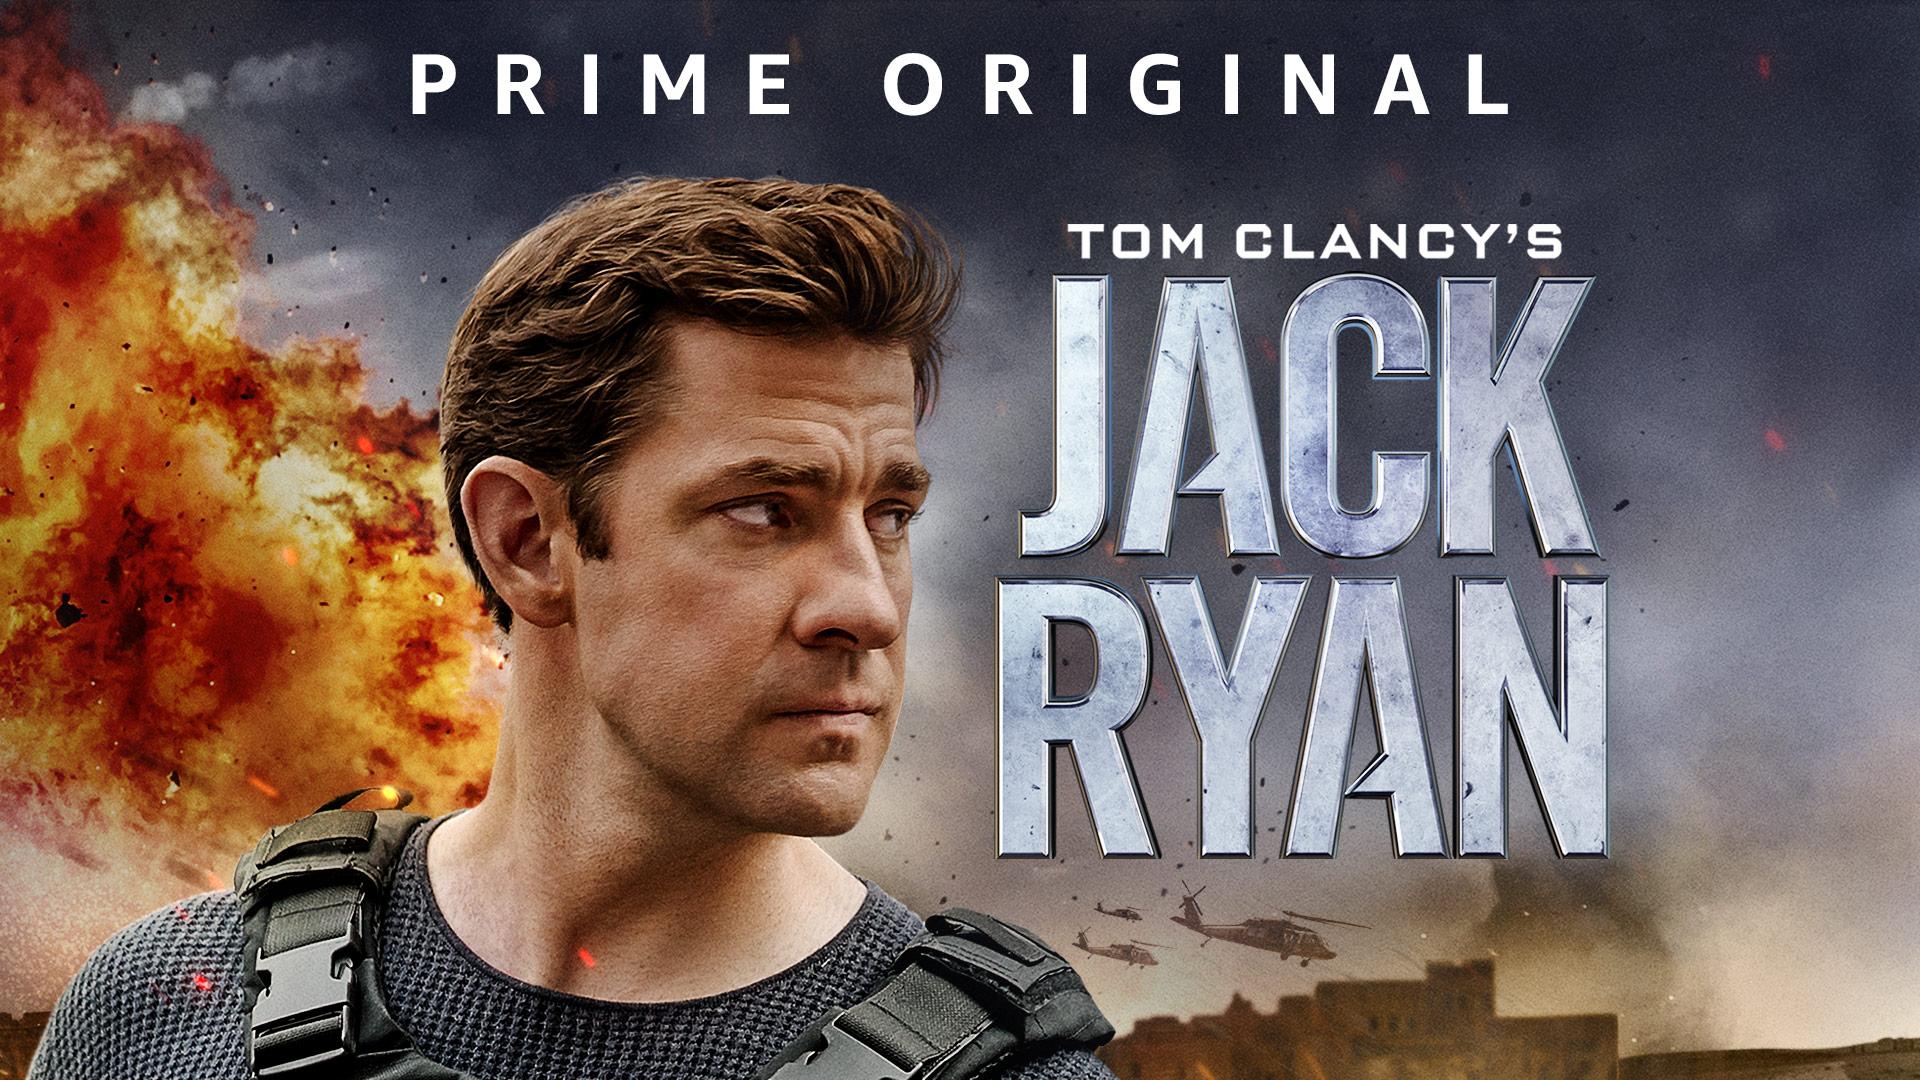 Amazon release new trailer for John Krasinski's Jack Ryan series